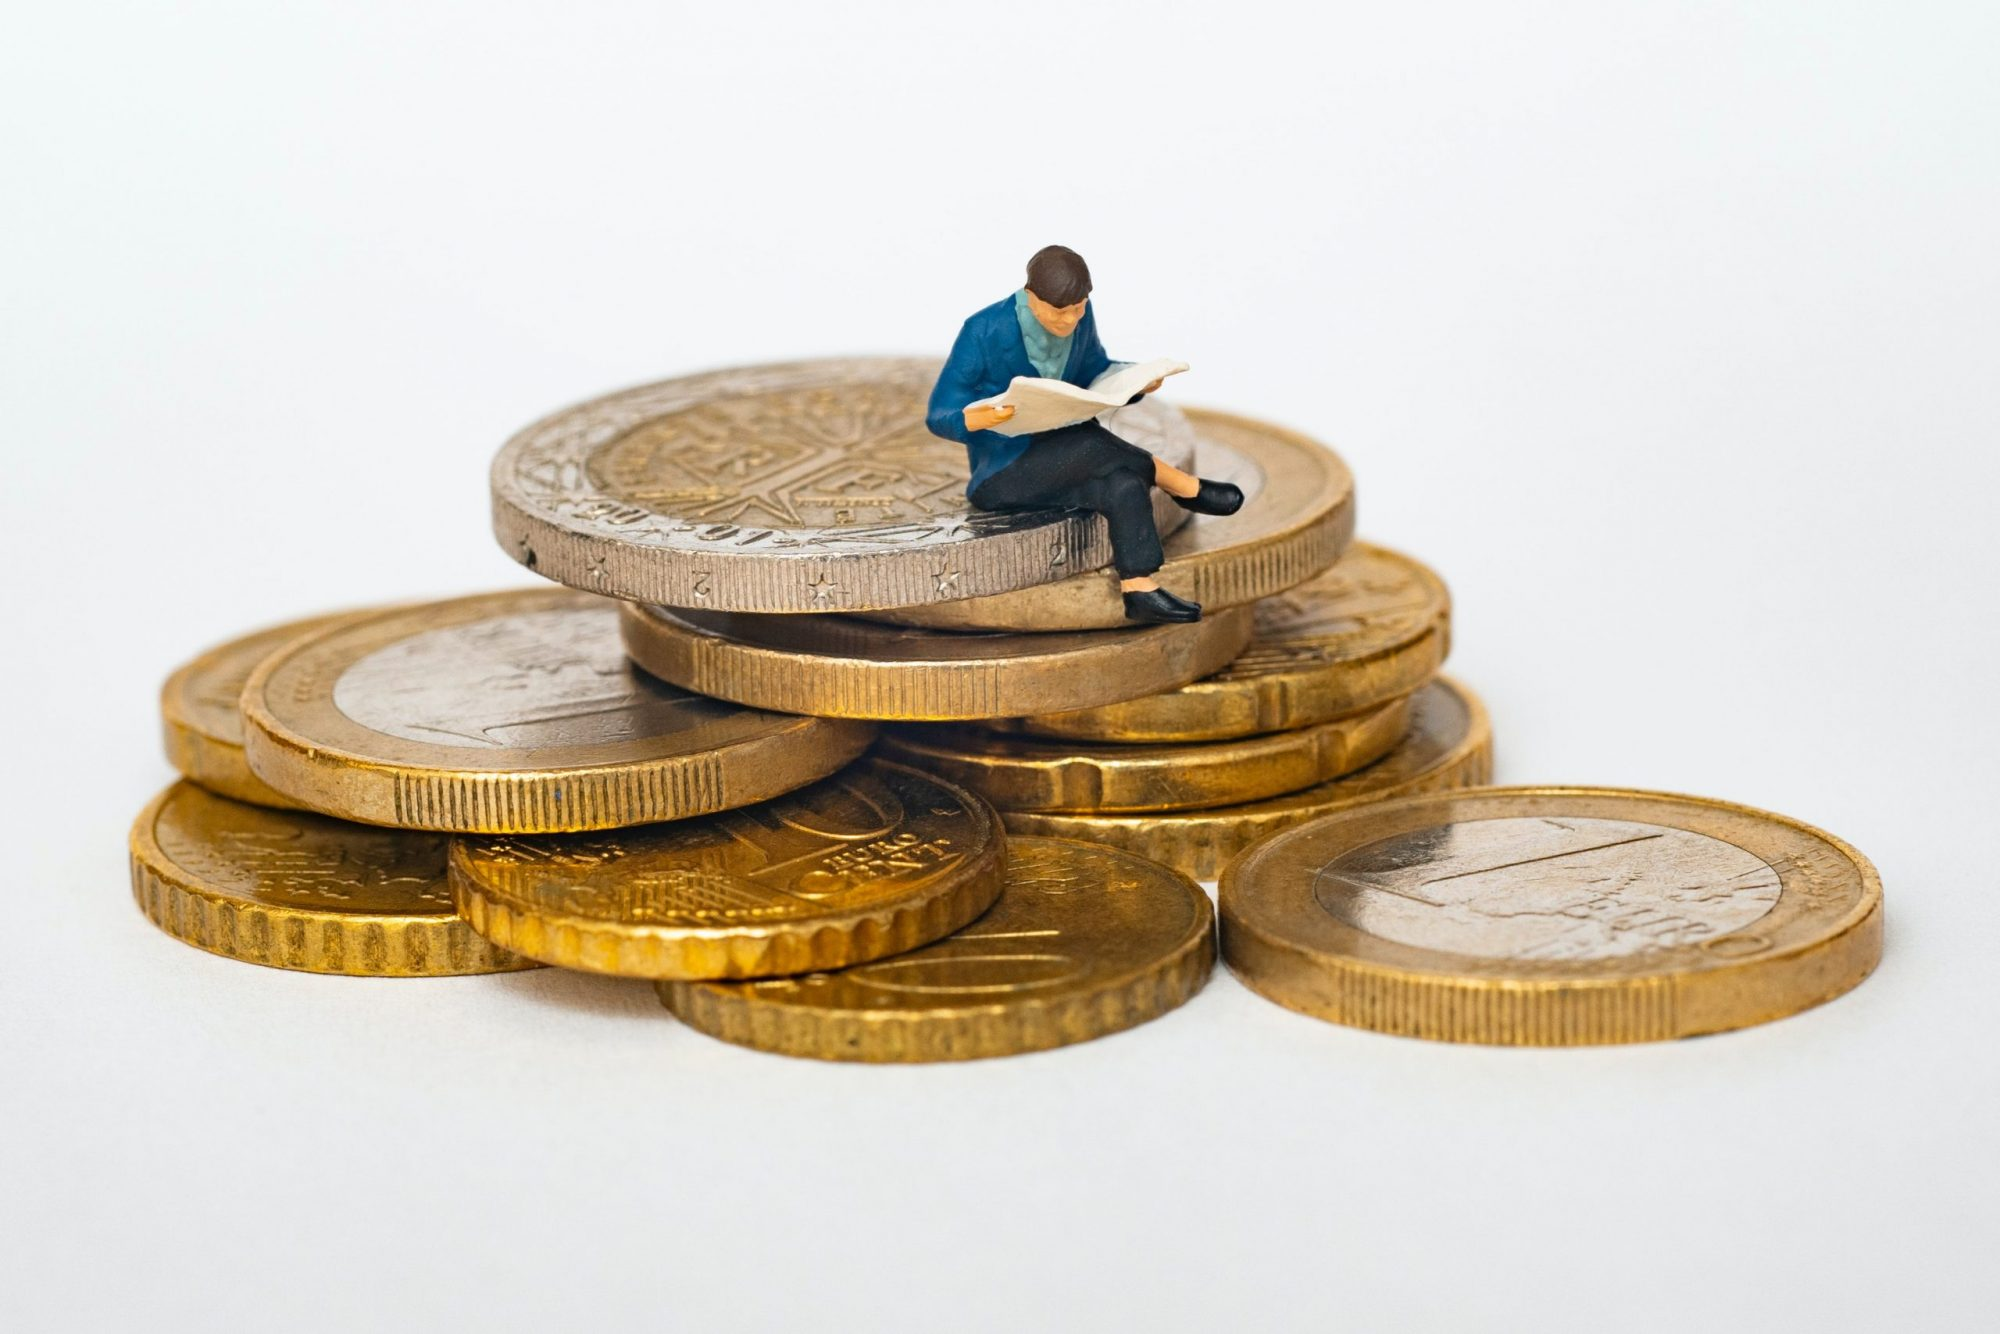 Lapsi ja talous – juttusarja, osa 2 : Lapsen talouskasvatus – mitä se on ja kenen vastuulla sitä on järjestää?